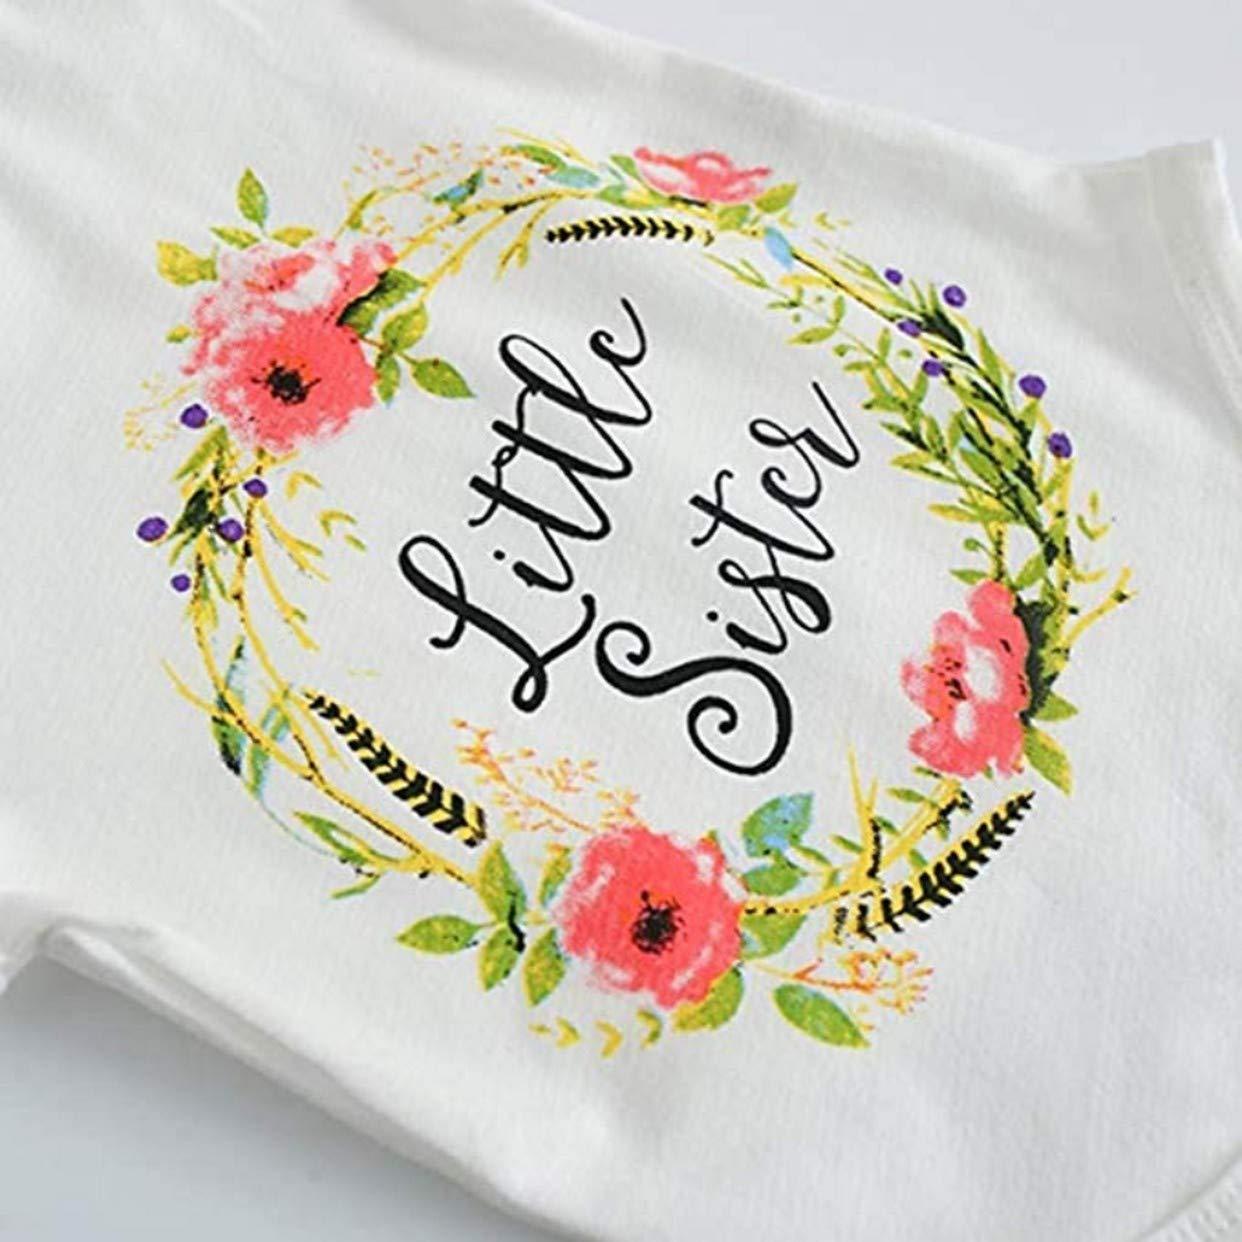 EVRYLON T-Shirt Big Sister o Body Little Sister Idea Regalo per Sorella Maggiore o minore la Confezione Contiene Un Solo Articolo